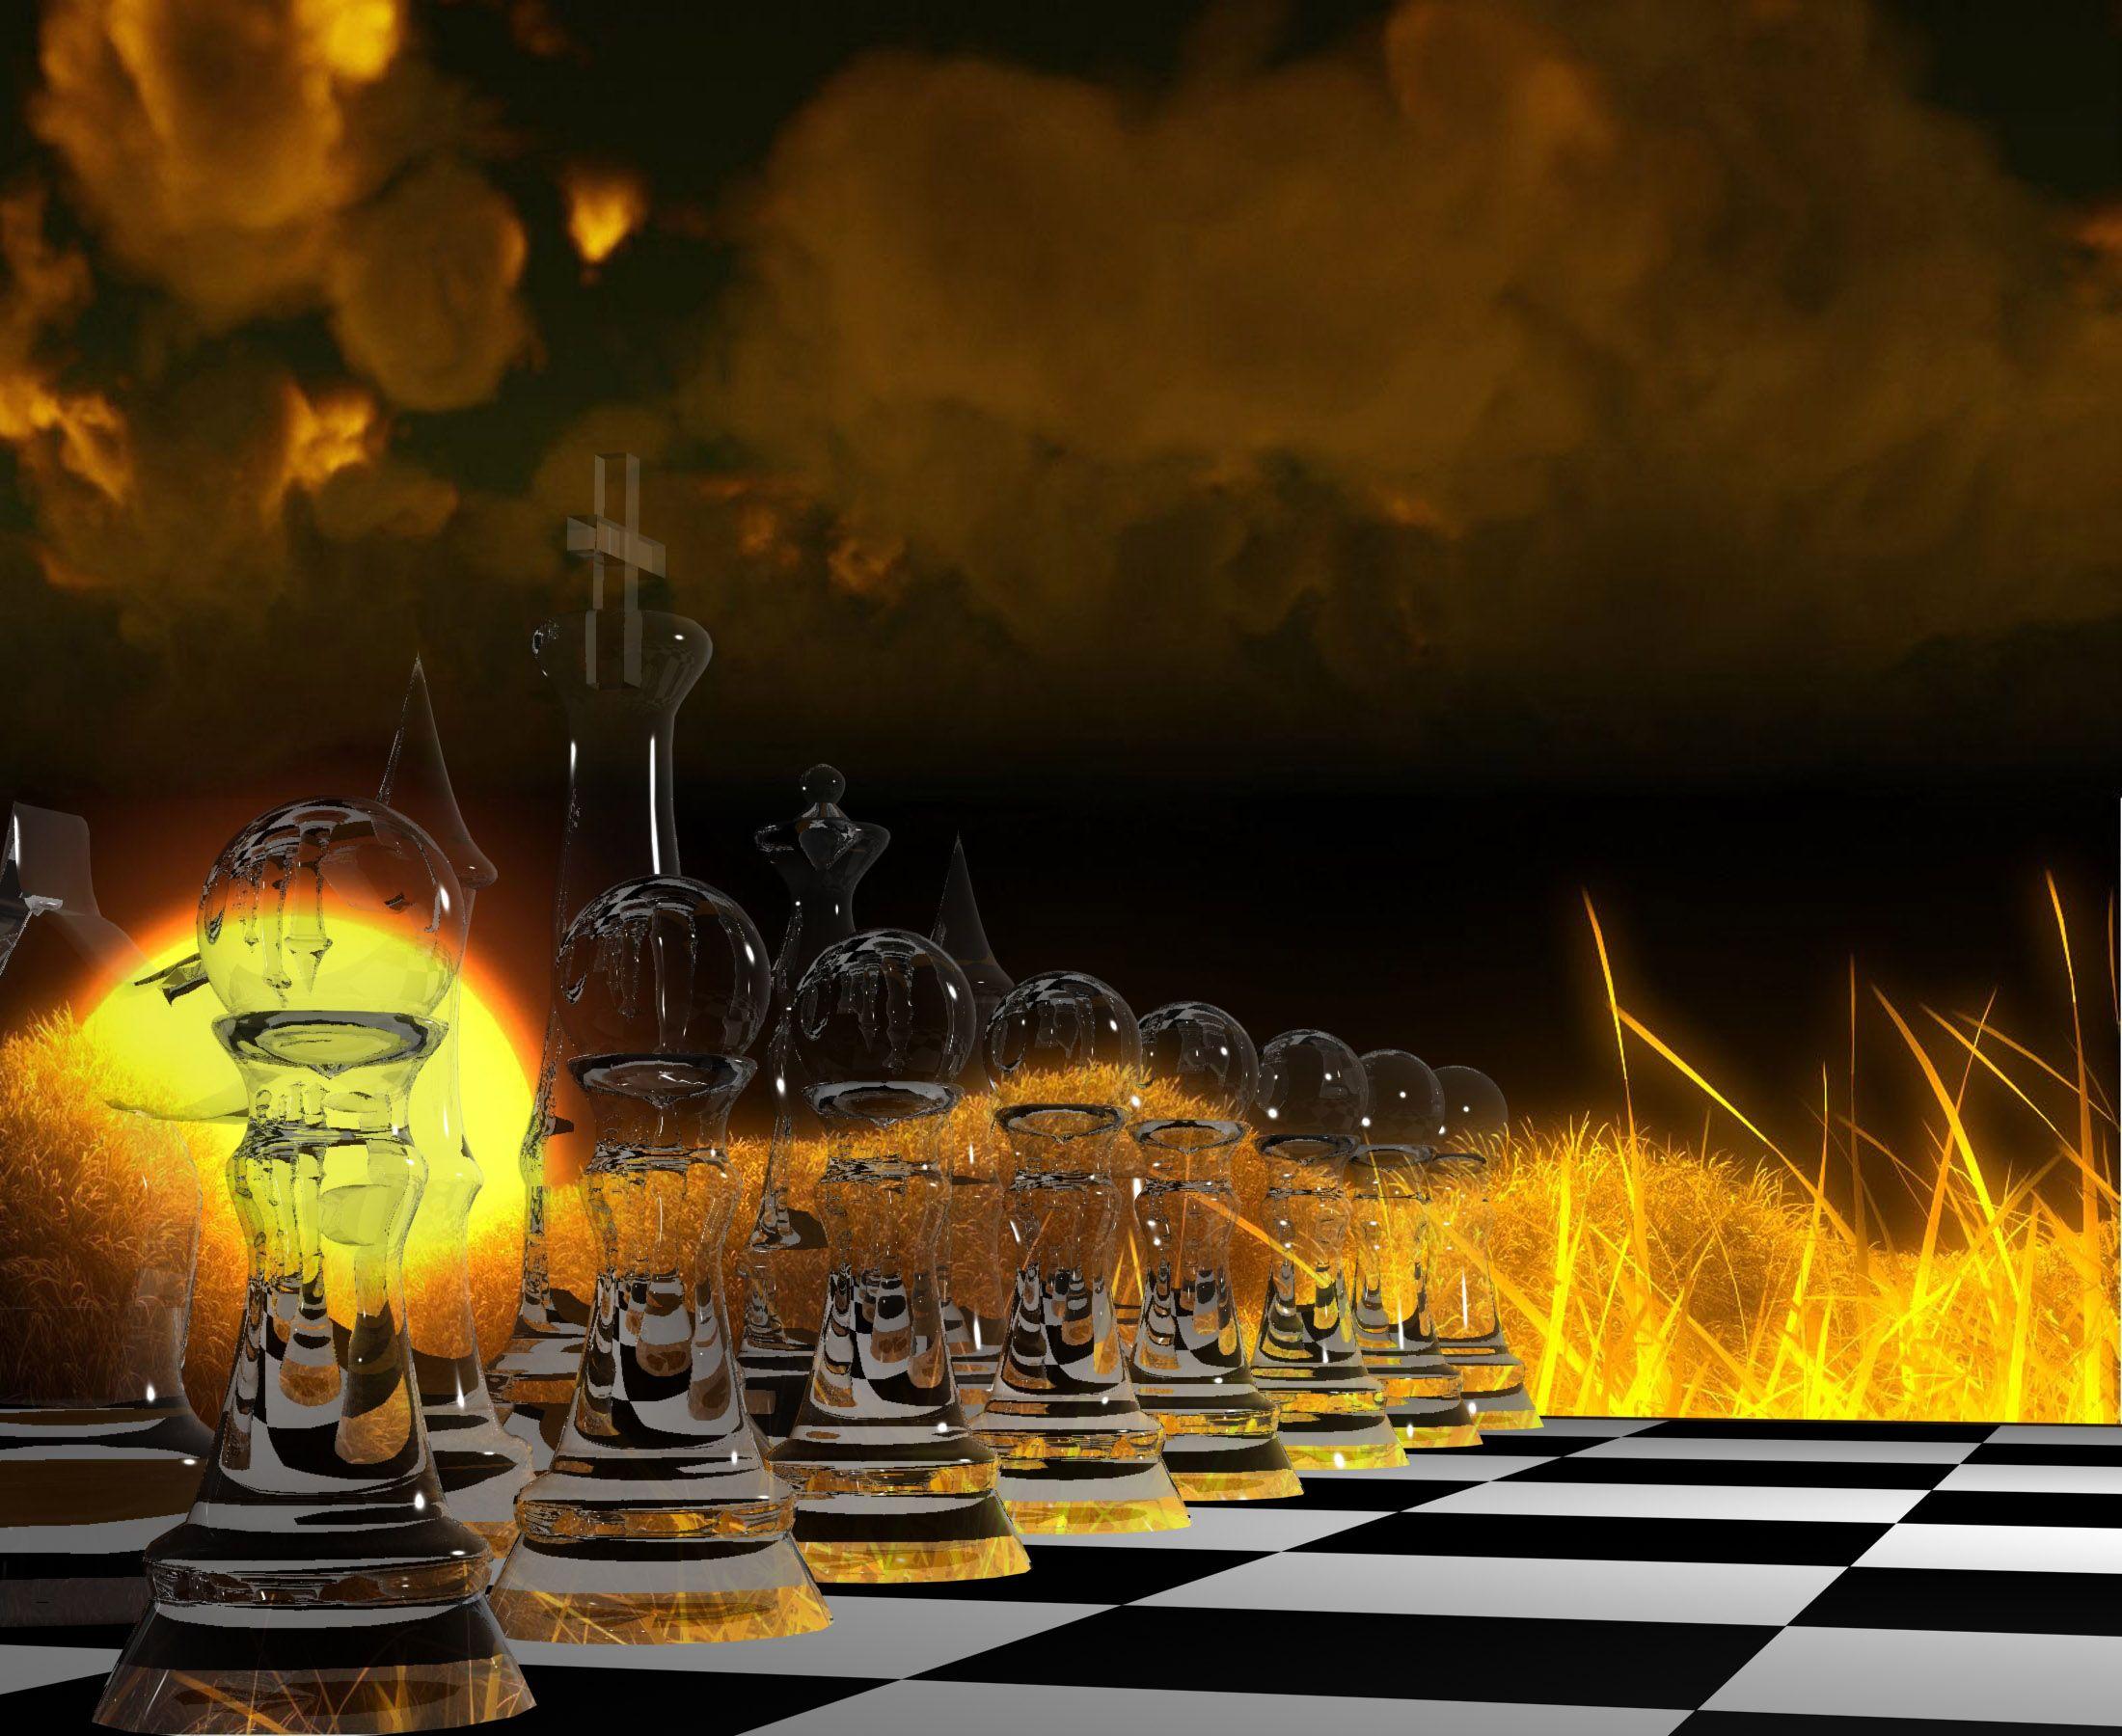 HD Chess wallpaper Chess wallpapers hd Pinterest Chess